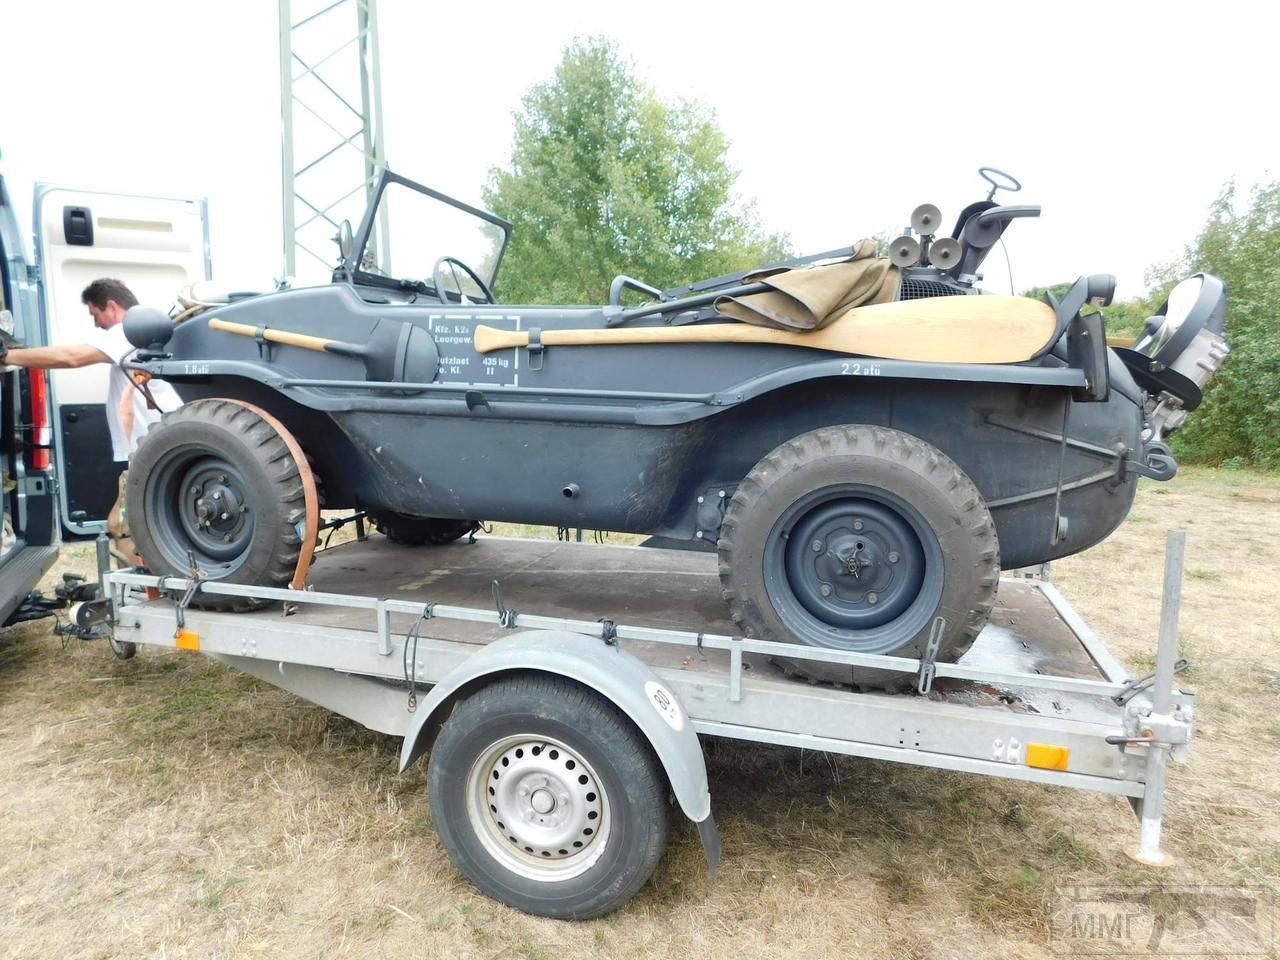 104172 - Грузовые и спец.автомобили Третьего рейха